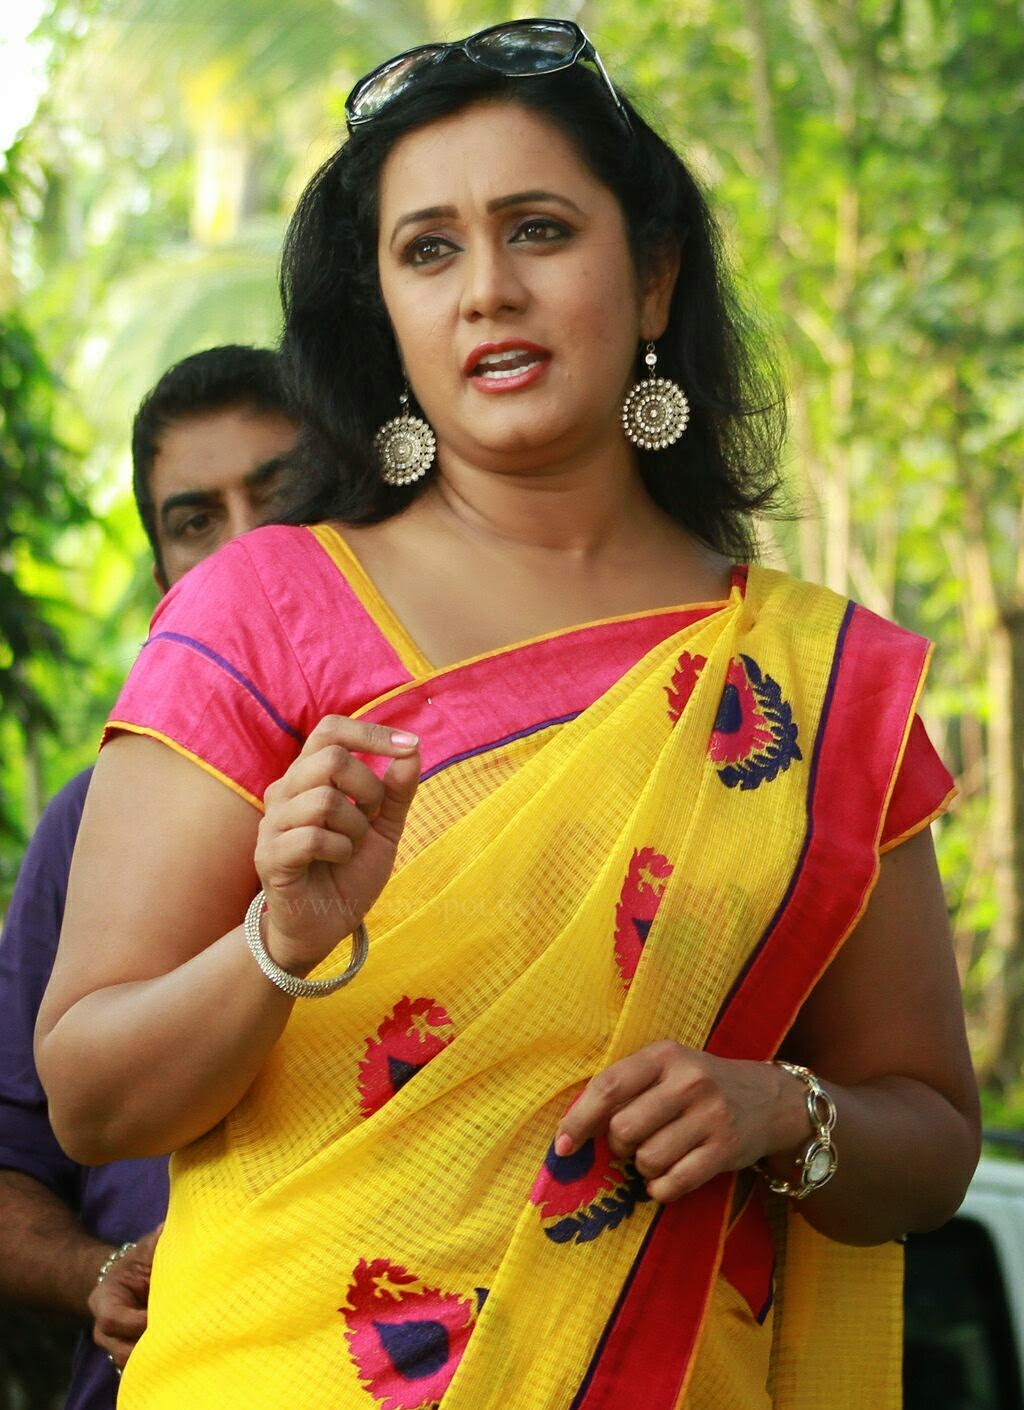 Saritha Actress photos,images,pics and stills - 4033 # 0